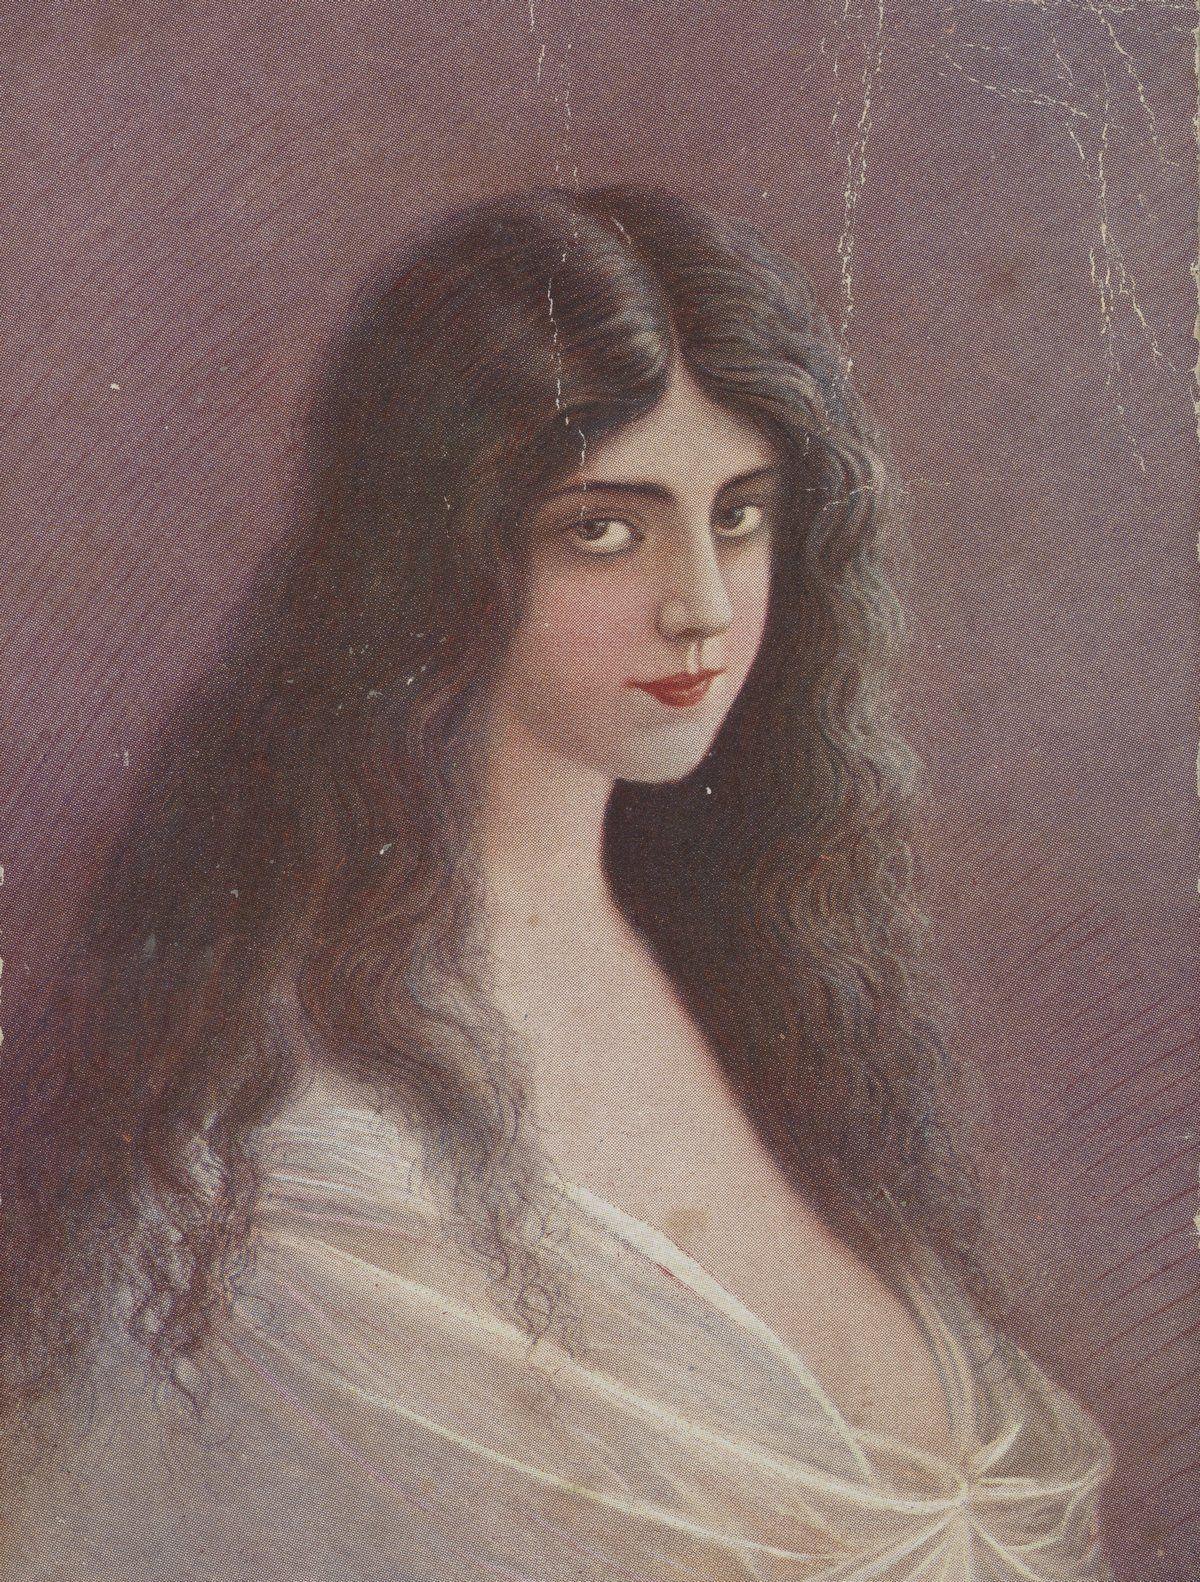 Opisywany przez Magnusa Hirschfelda berliński student zapewne nie oparłby się pokusie obcięcia tak pięknych włosów.